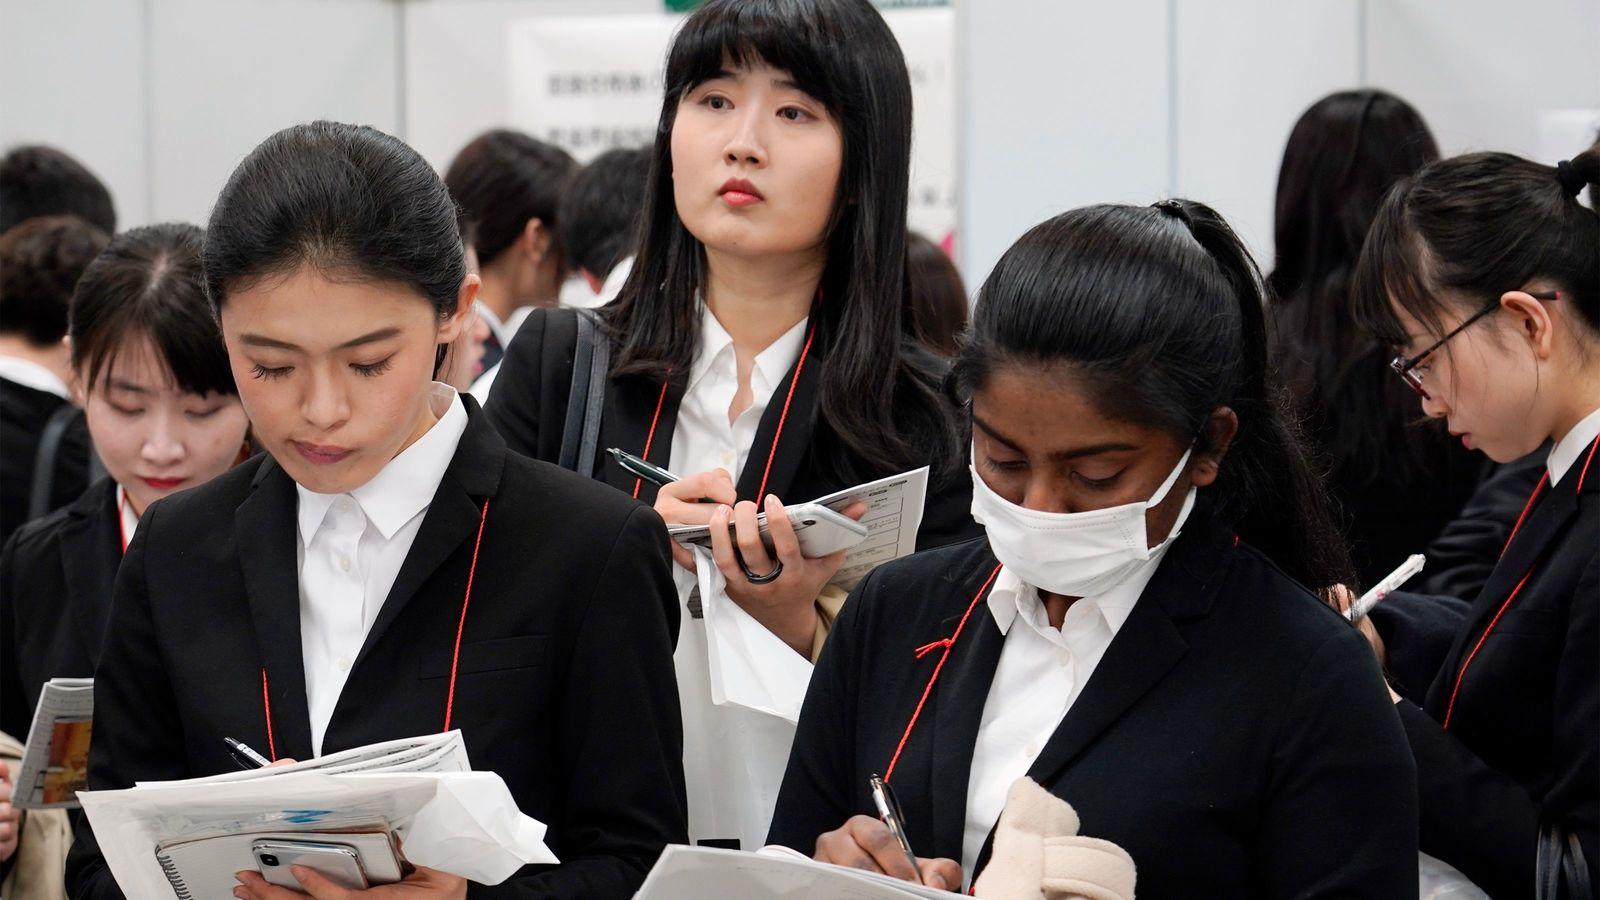 優秀な若者ほど日本に留学しない「嫌日外国人」が増えている背景 アジアで知られてしまった搾取構造